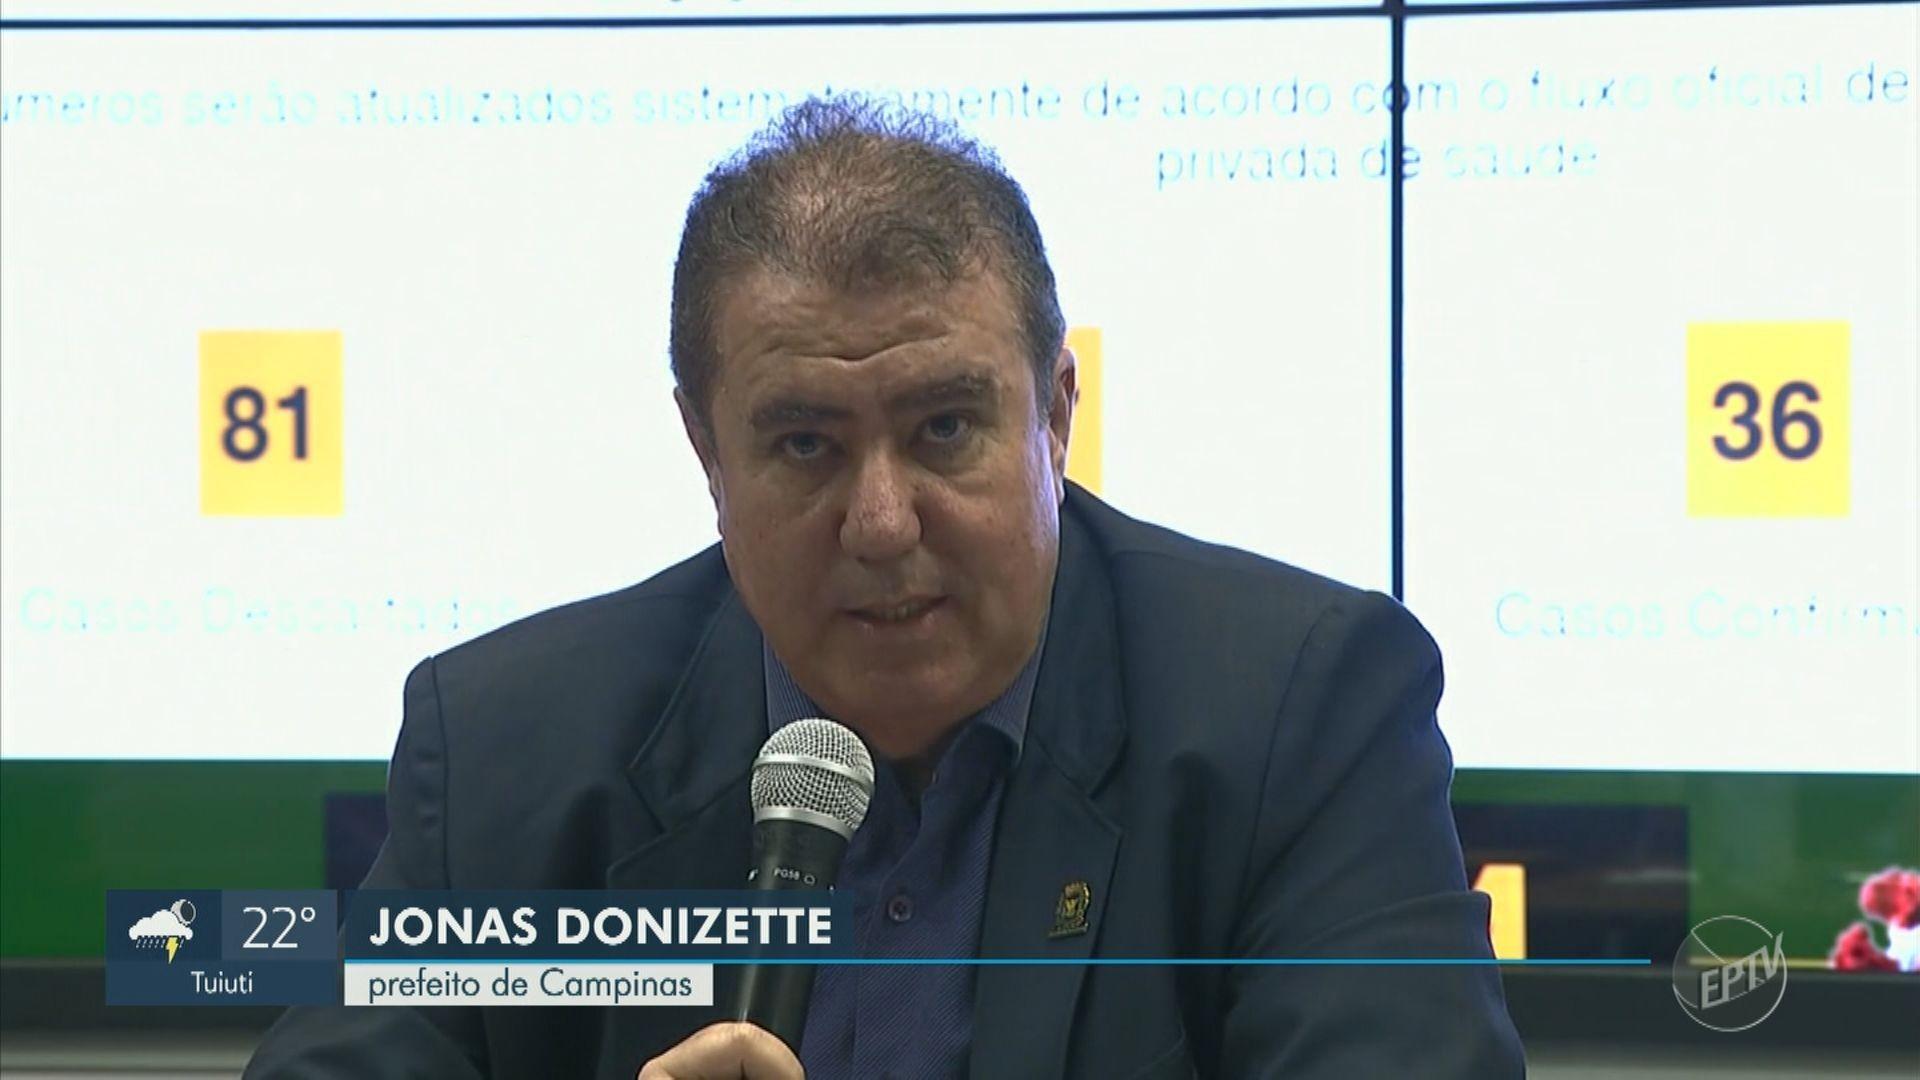 VÍDEOS: EPTV 2 região de Piracicaba desta terça-feira, 31 de março